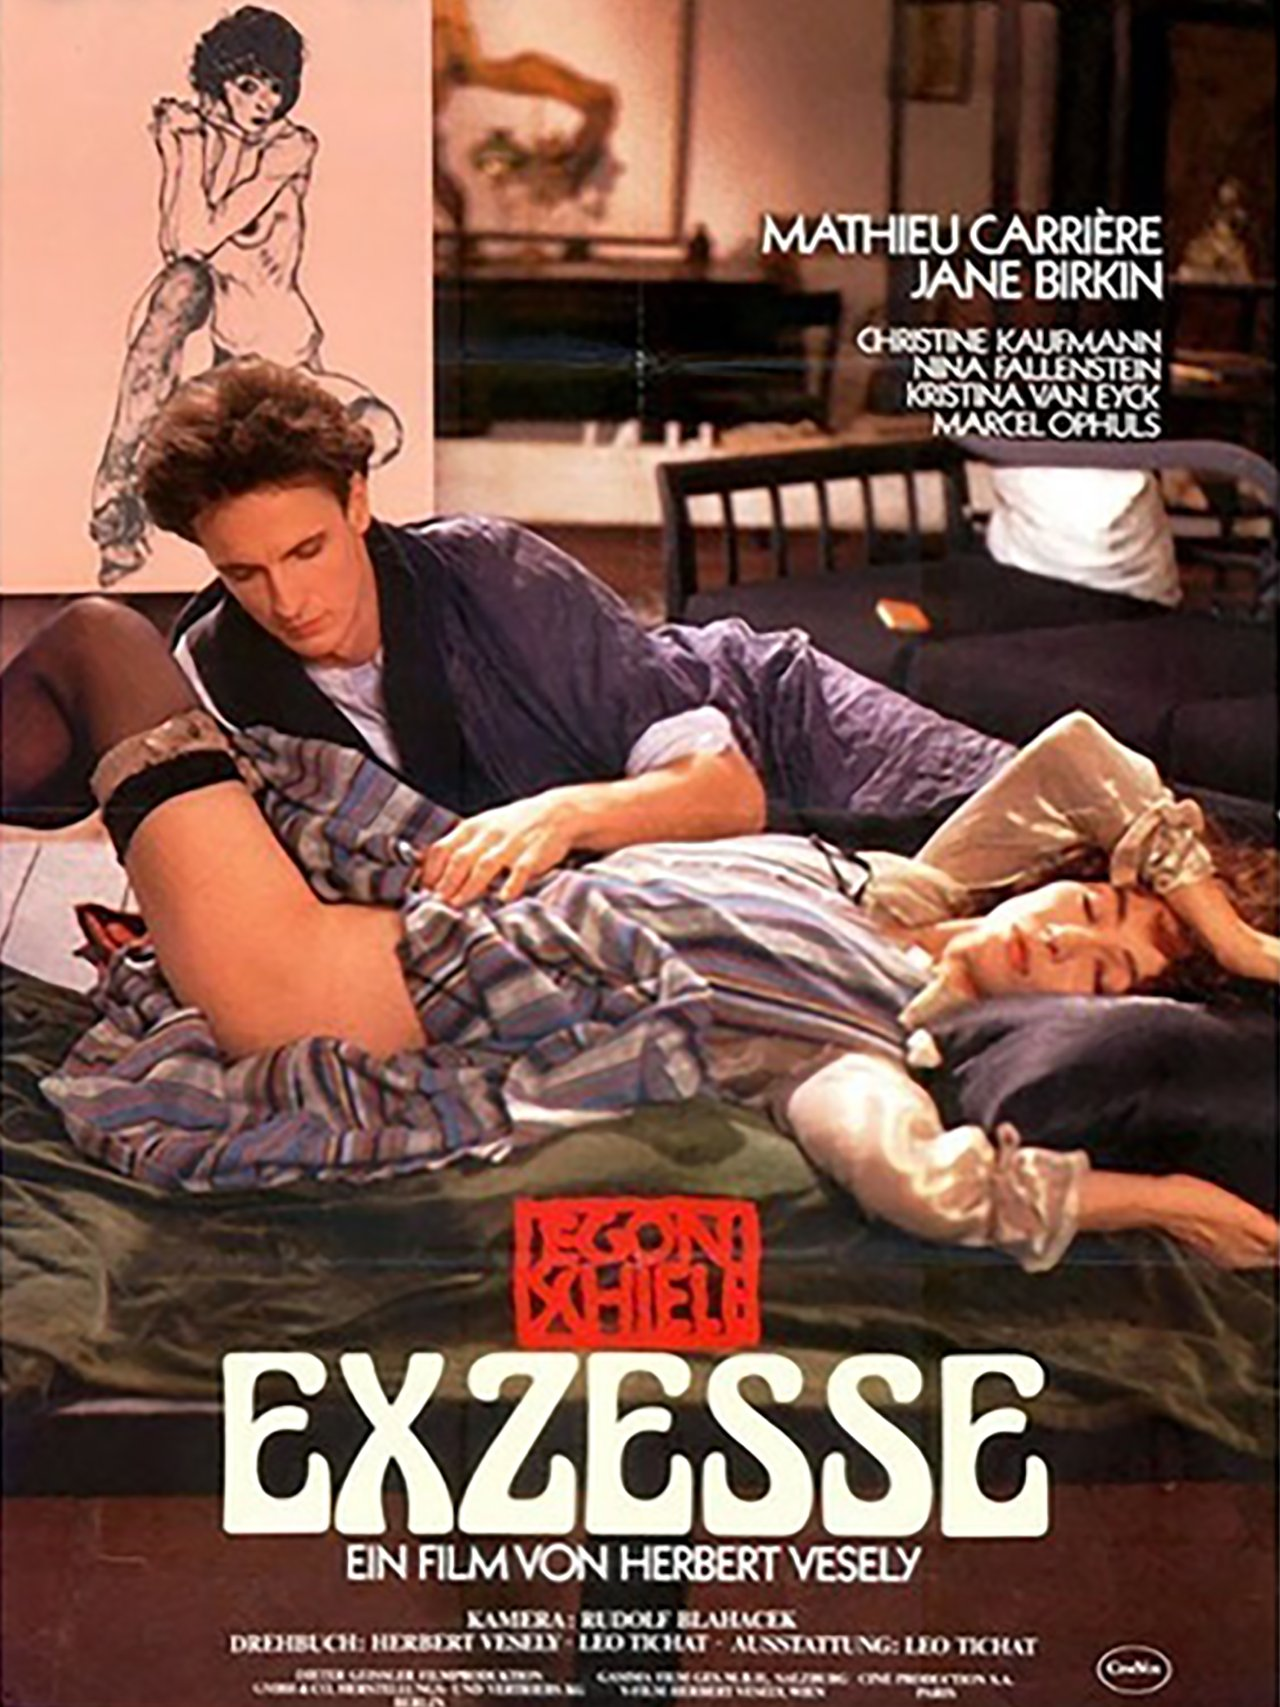 filmi-s-eroticheskim-soderzhaniem